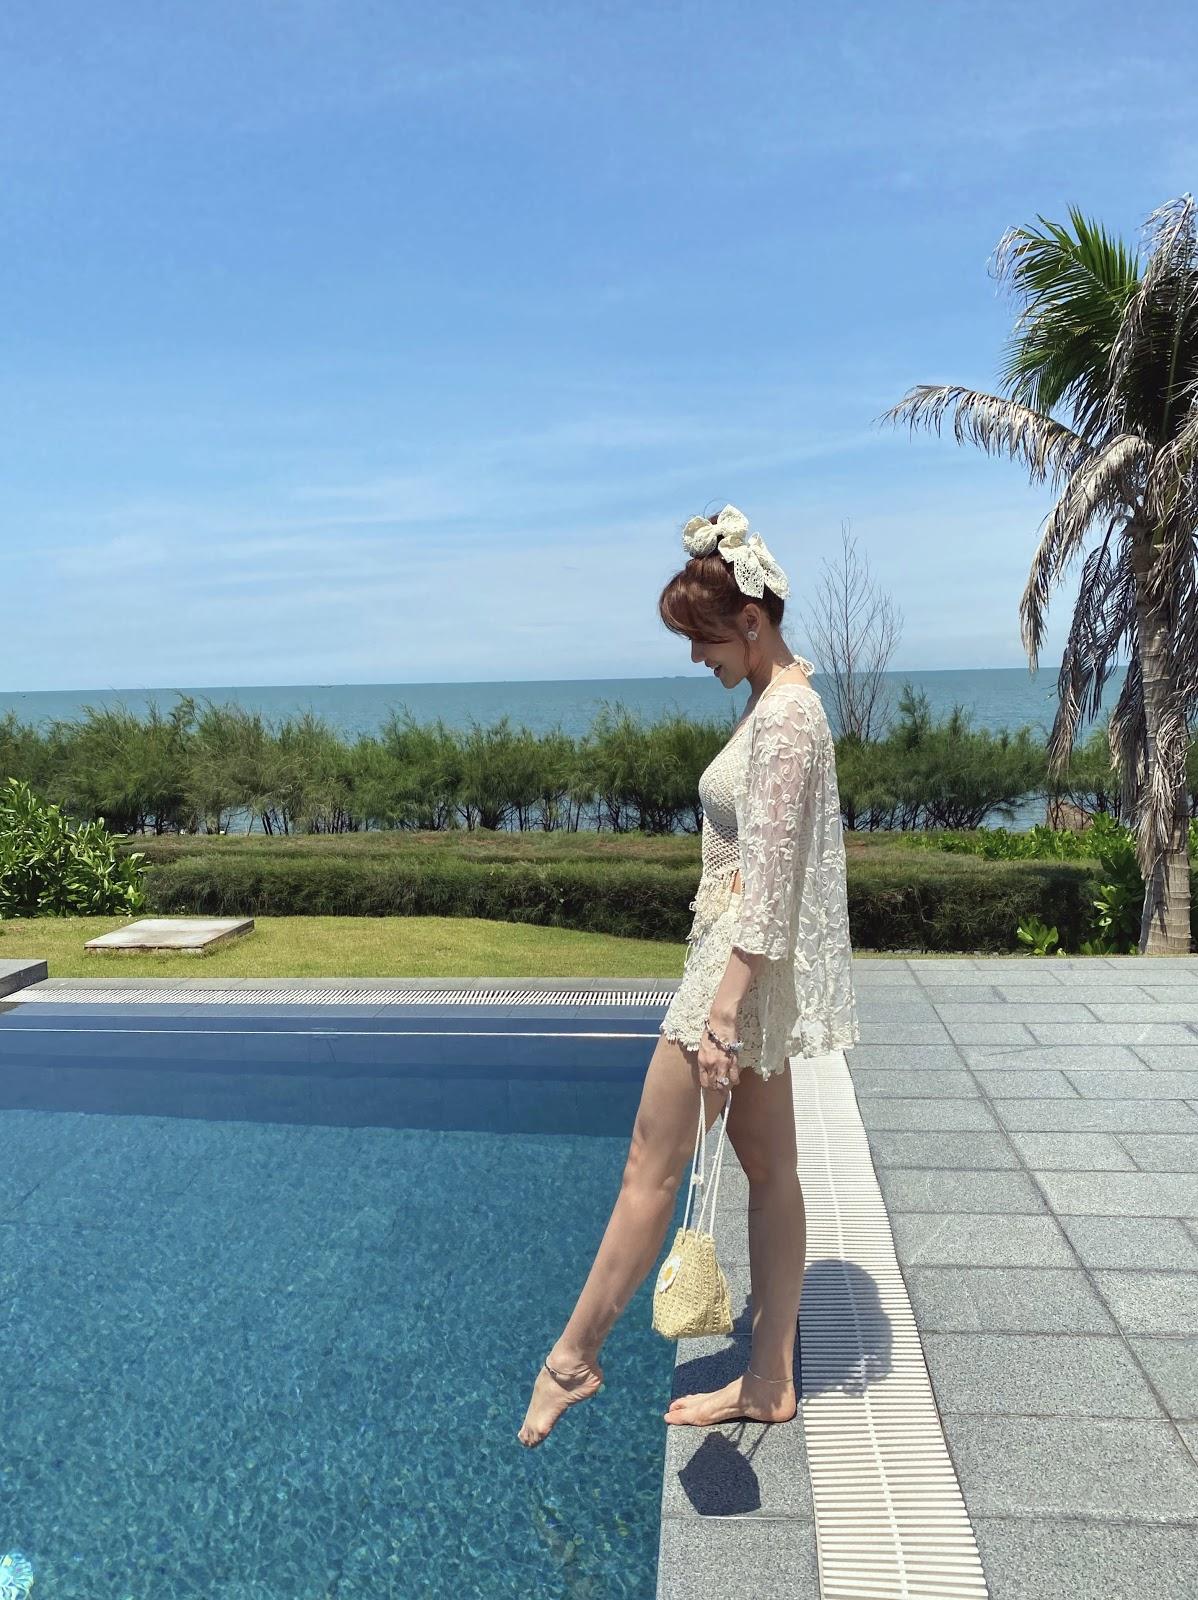 Trấn Thành làm 'phó nháy' ghi lại khoảnh khắc Hari Won diện bikini gợi cảm ở tuổi 35 - Hình 9